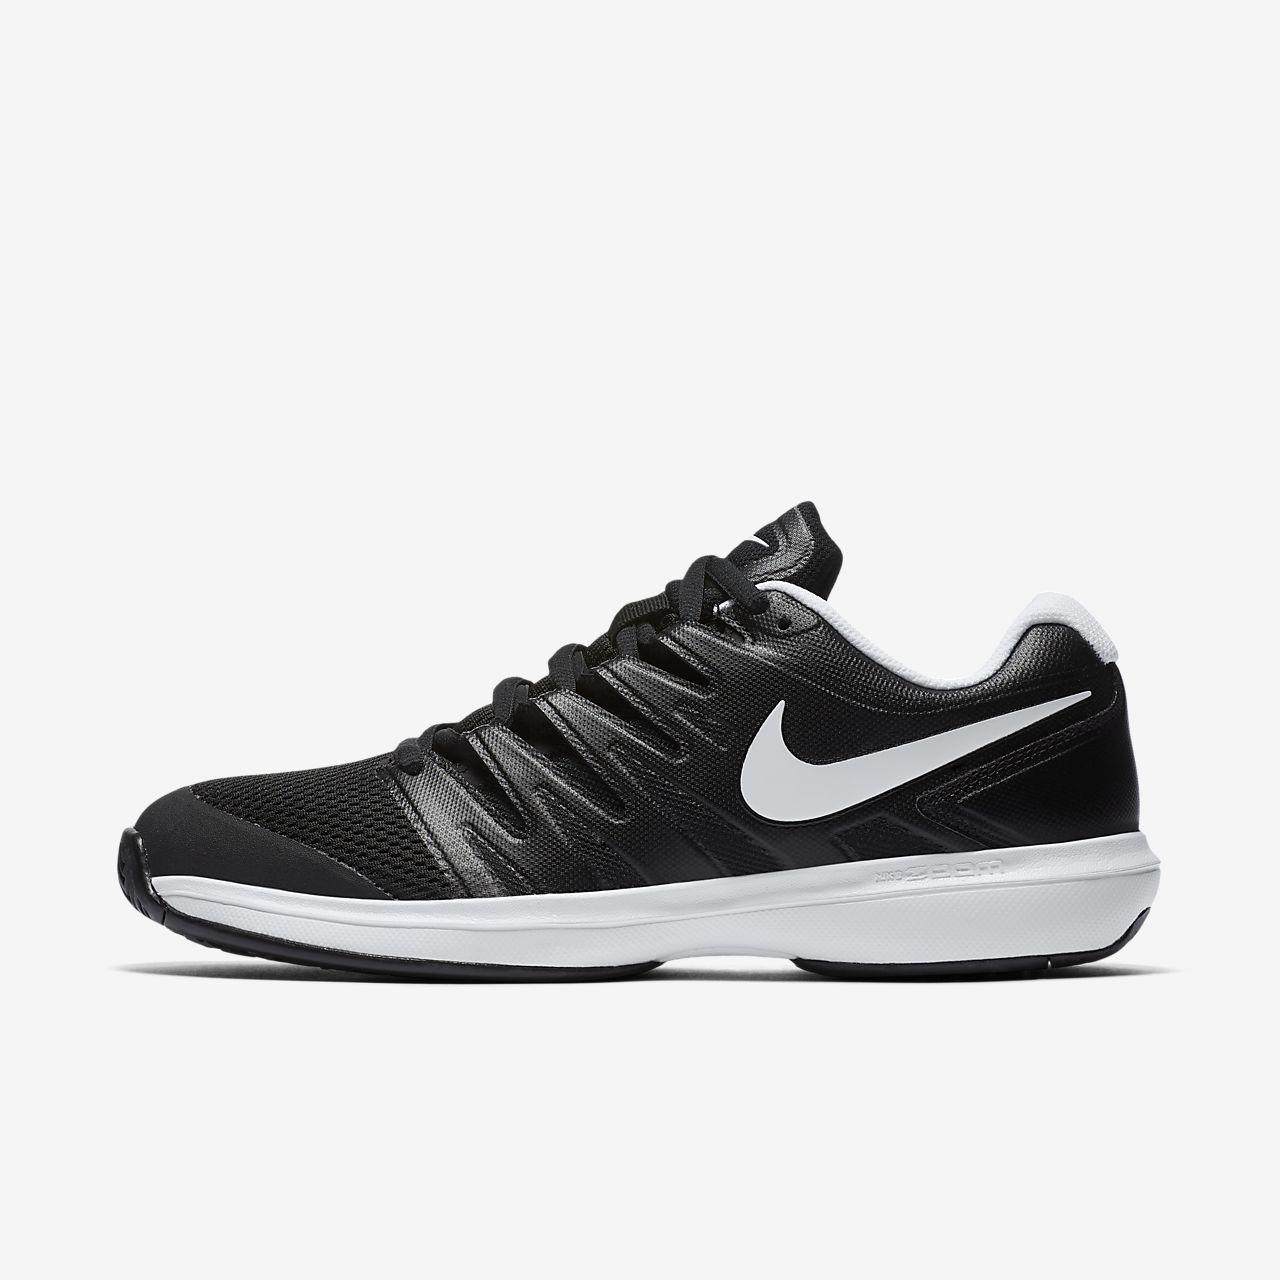 detailed look 6523b c3c05 ... Chaussure de tennis pour surface dure NikeCourt Air Zoom Prestige pour  Homme